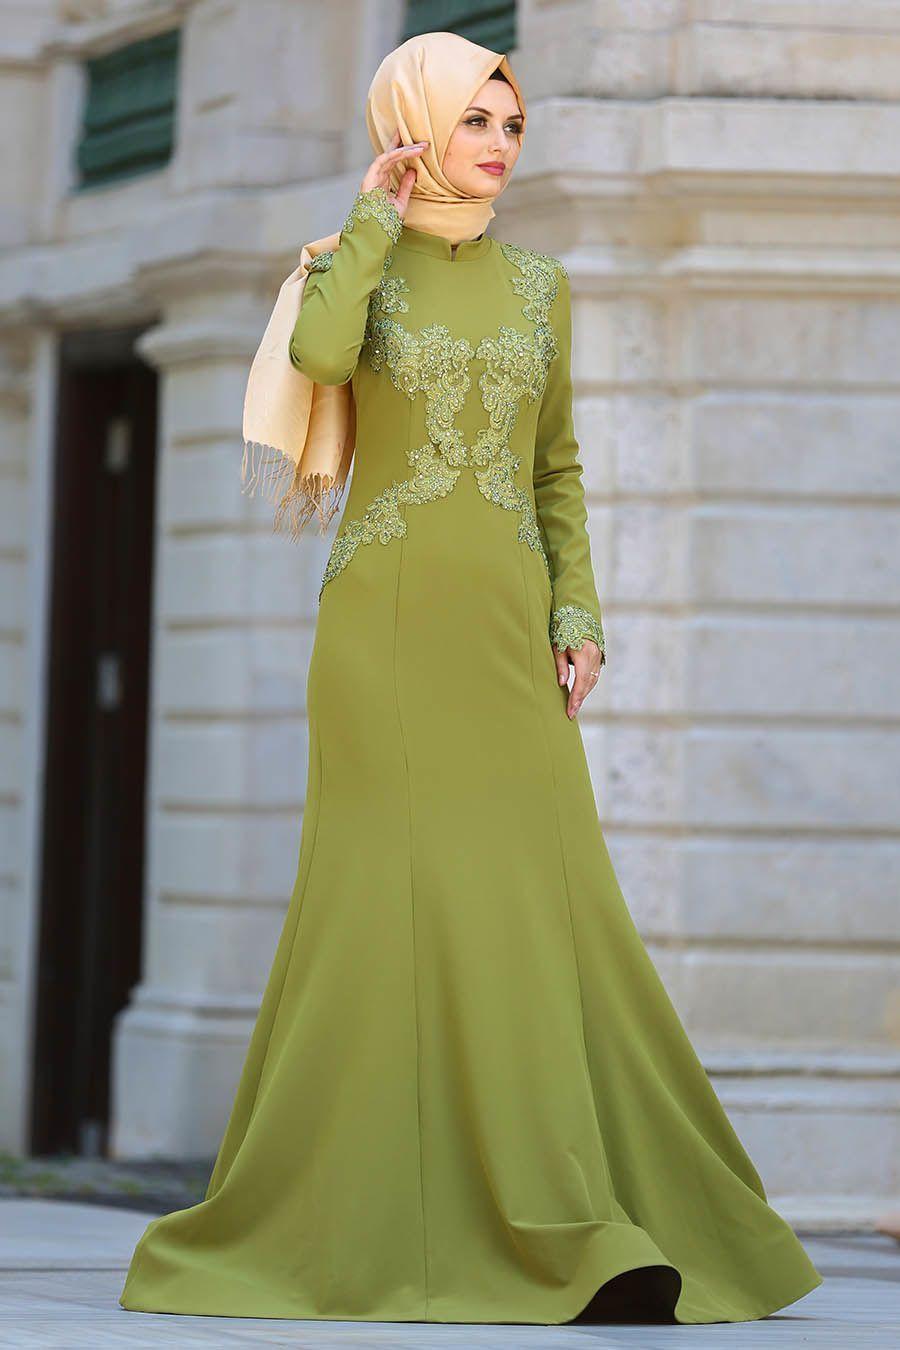 Haki Yesili Tesettur Dantelli Abiye Modelleri The Dress Aksamustu Giysileri Elbise